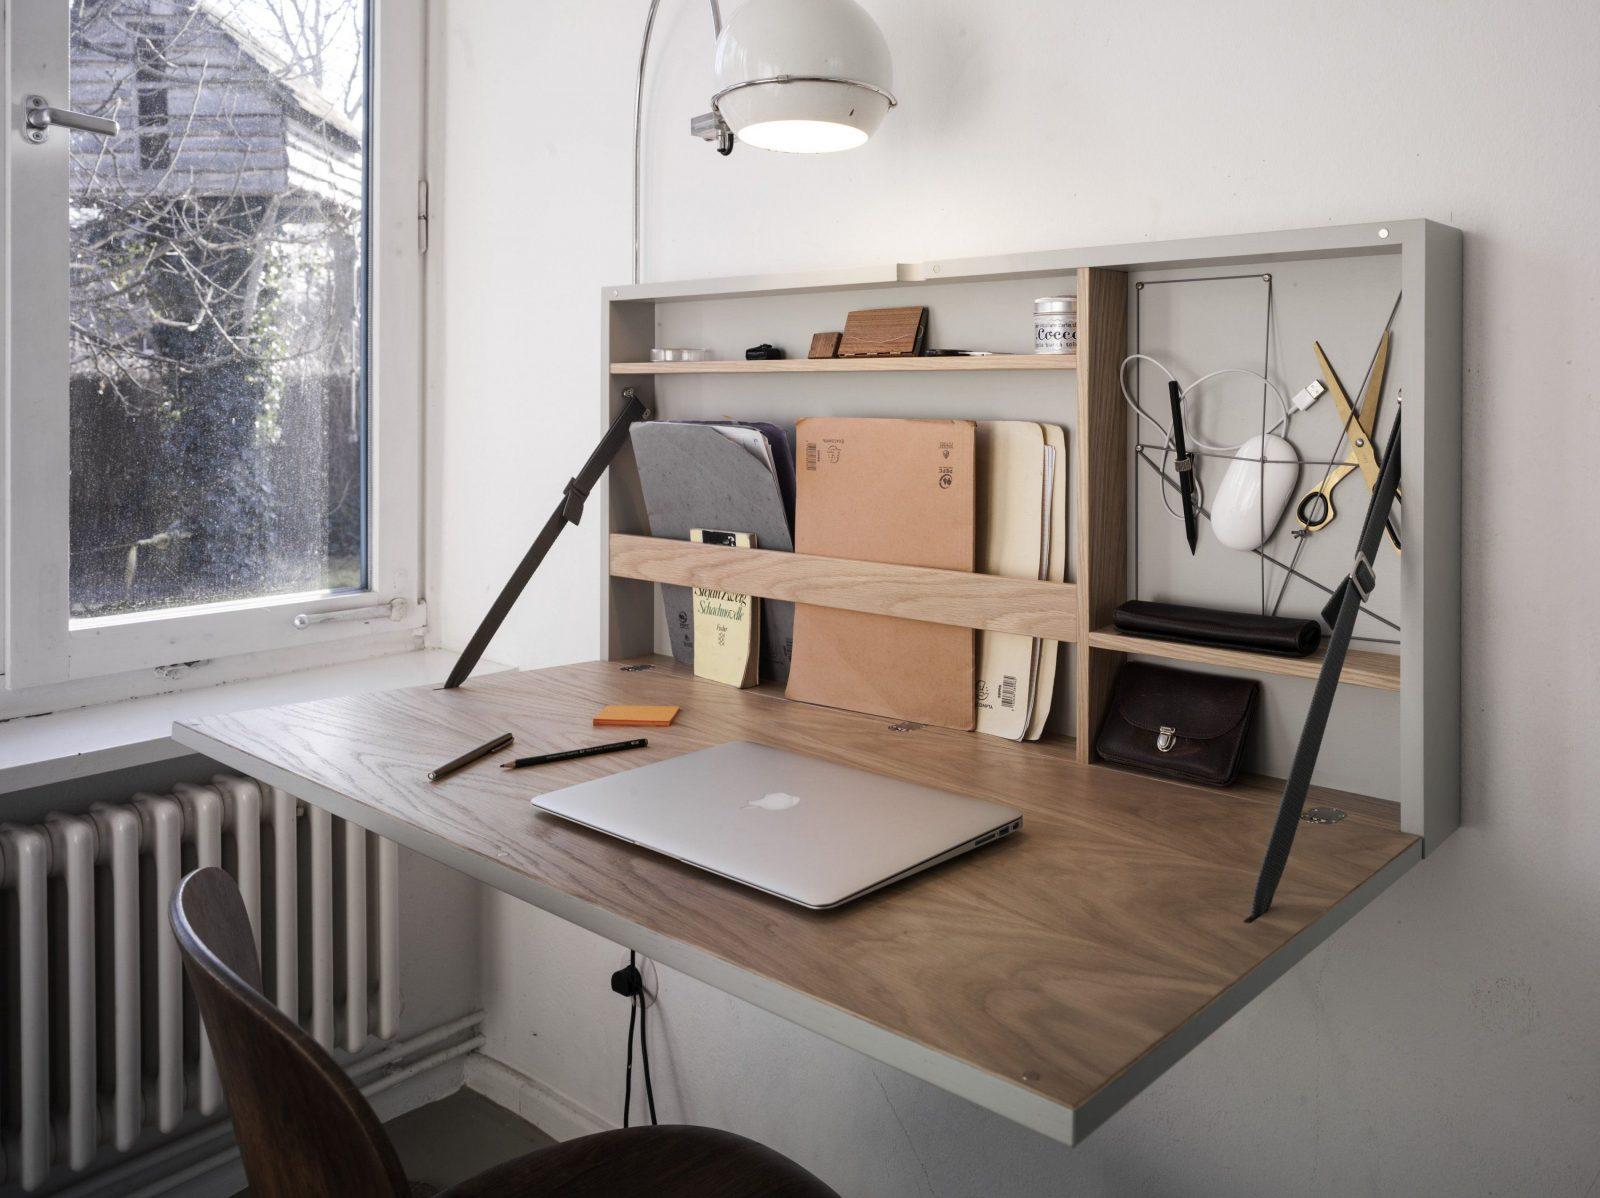 Funktional Geräumig Edeler Schreibtisch Der Platz Spart von Schreibtisch Für Wenig Platz Bild